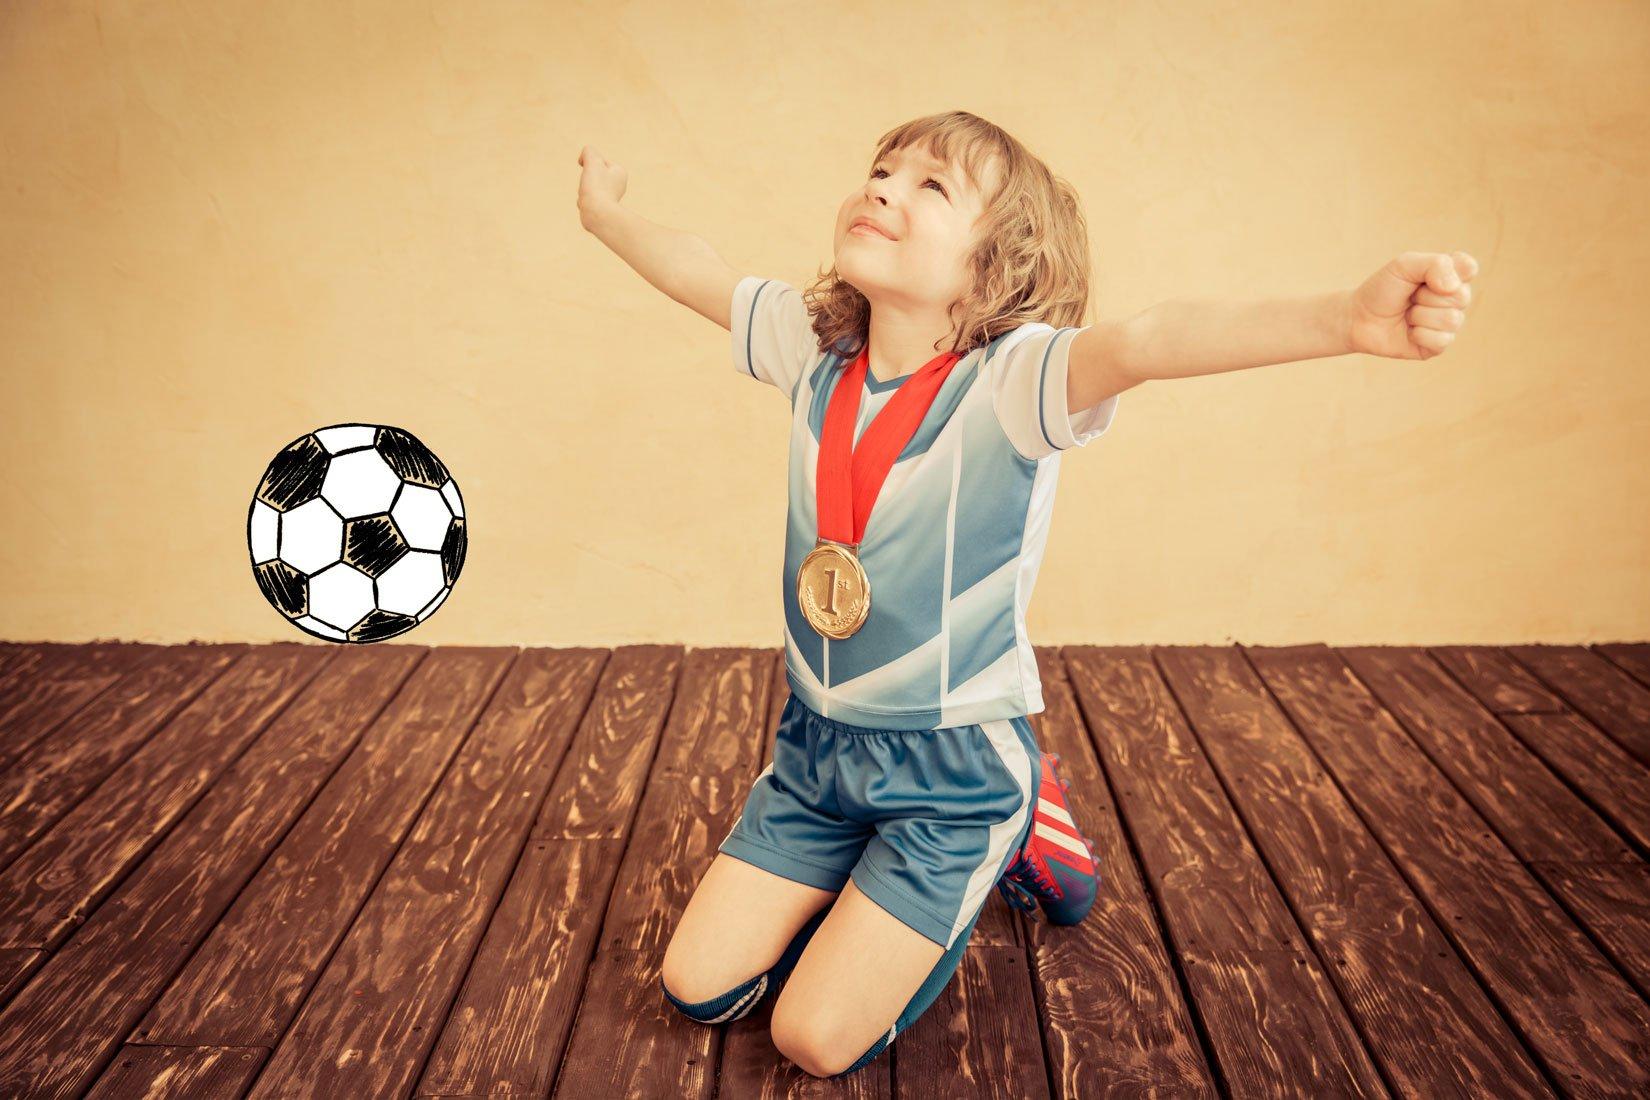 Jak poprzez sport rozwijać kreatywność?